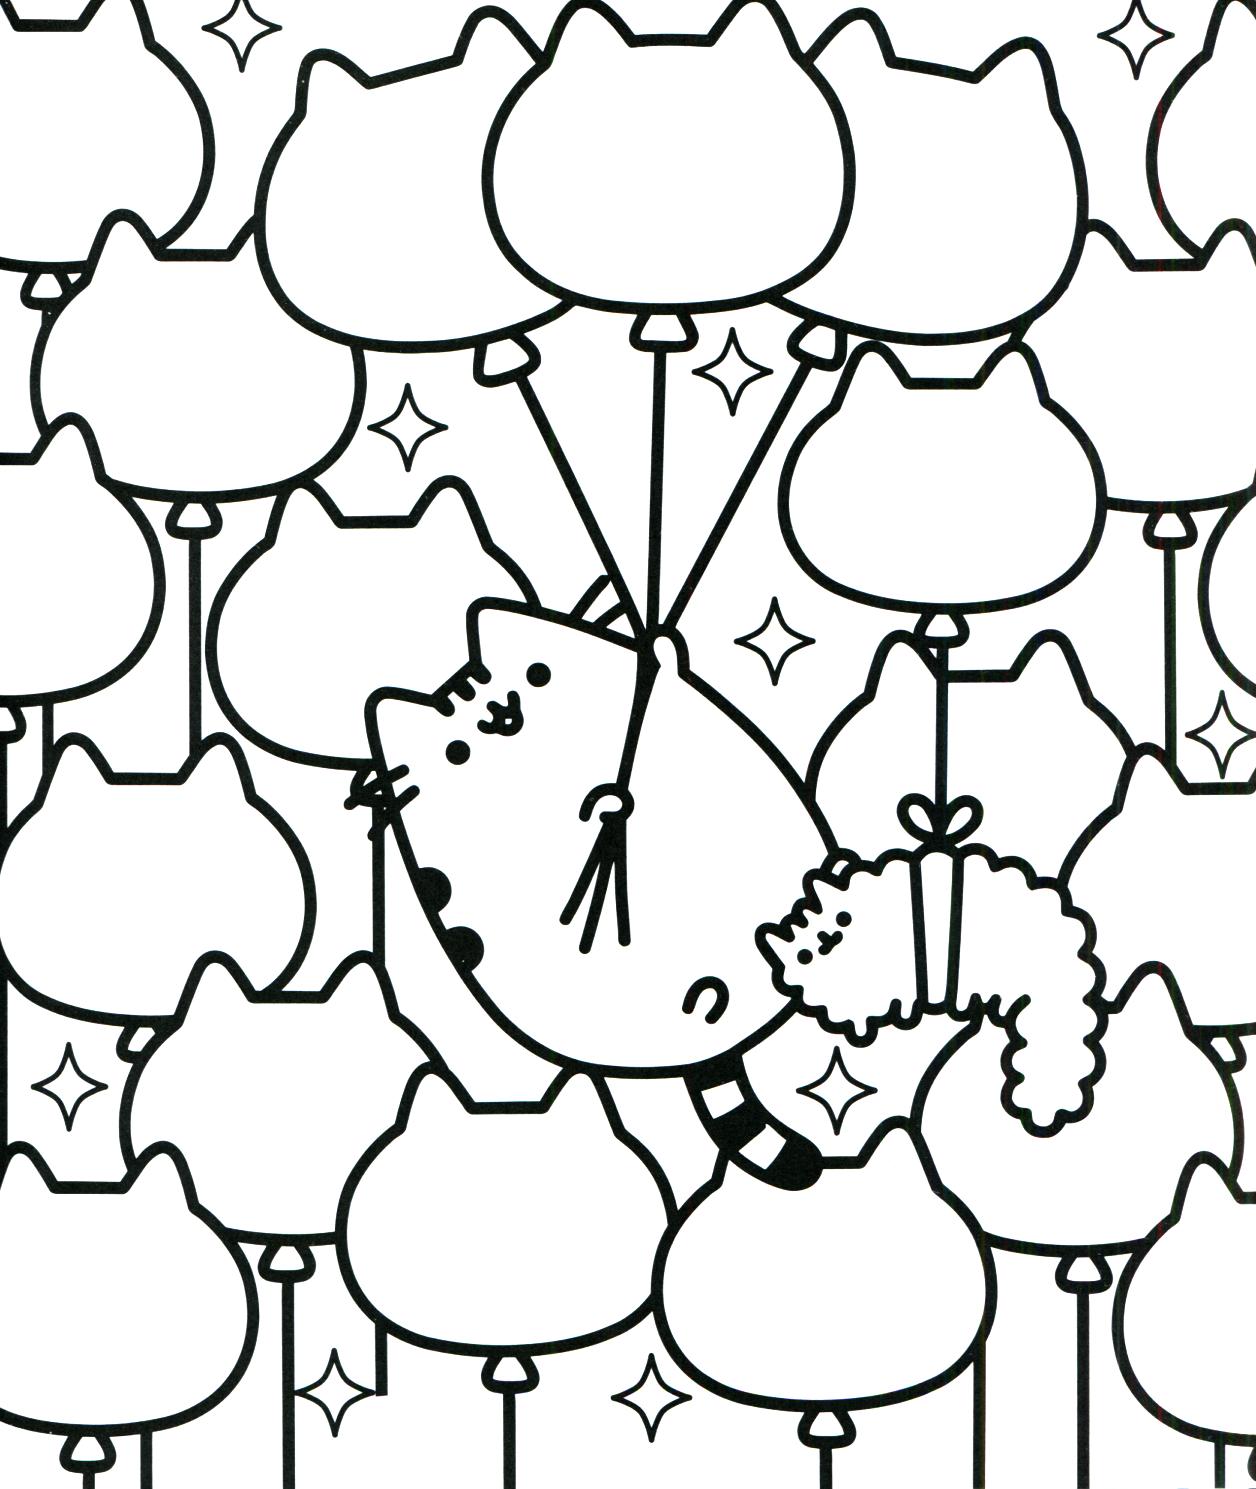 Pusheen Coloring Book Pusheen Pusheen the Cat | Pusheen ...